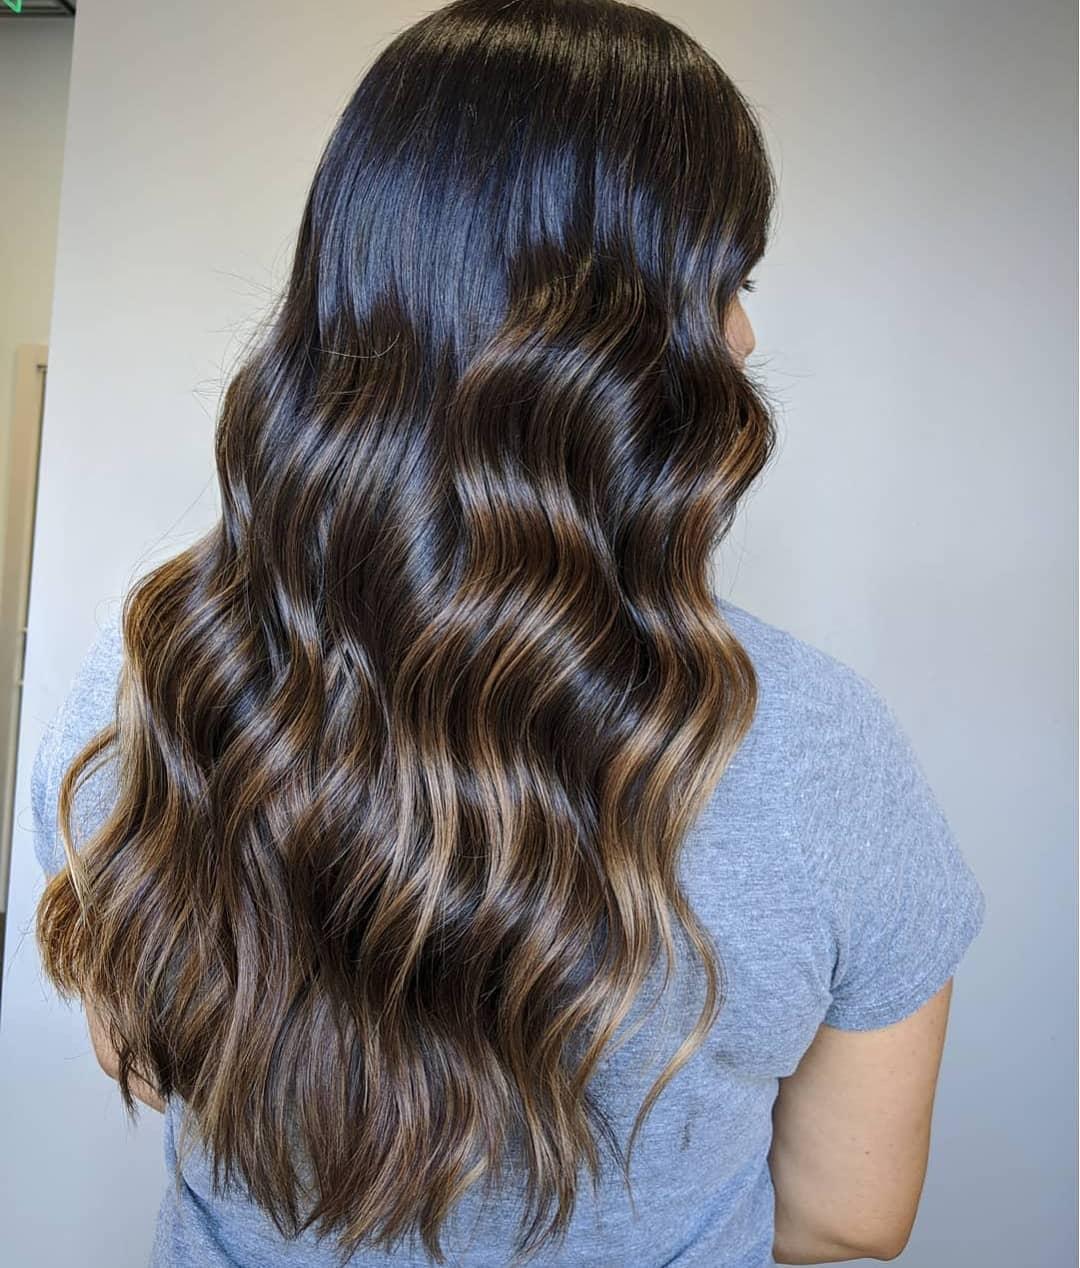 Femme aux cheveux brun foncé avec de subtils accents de caramel